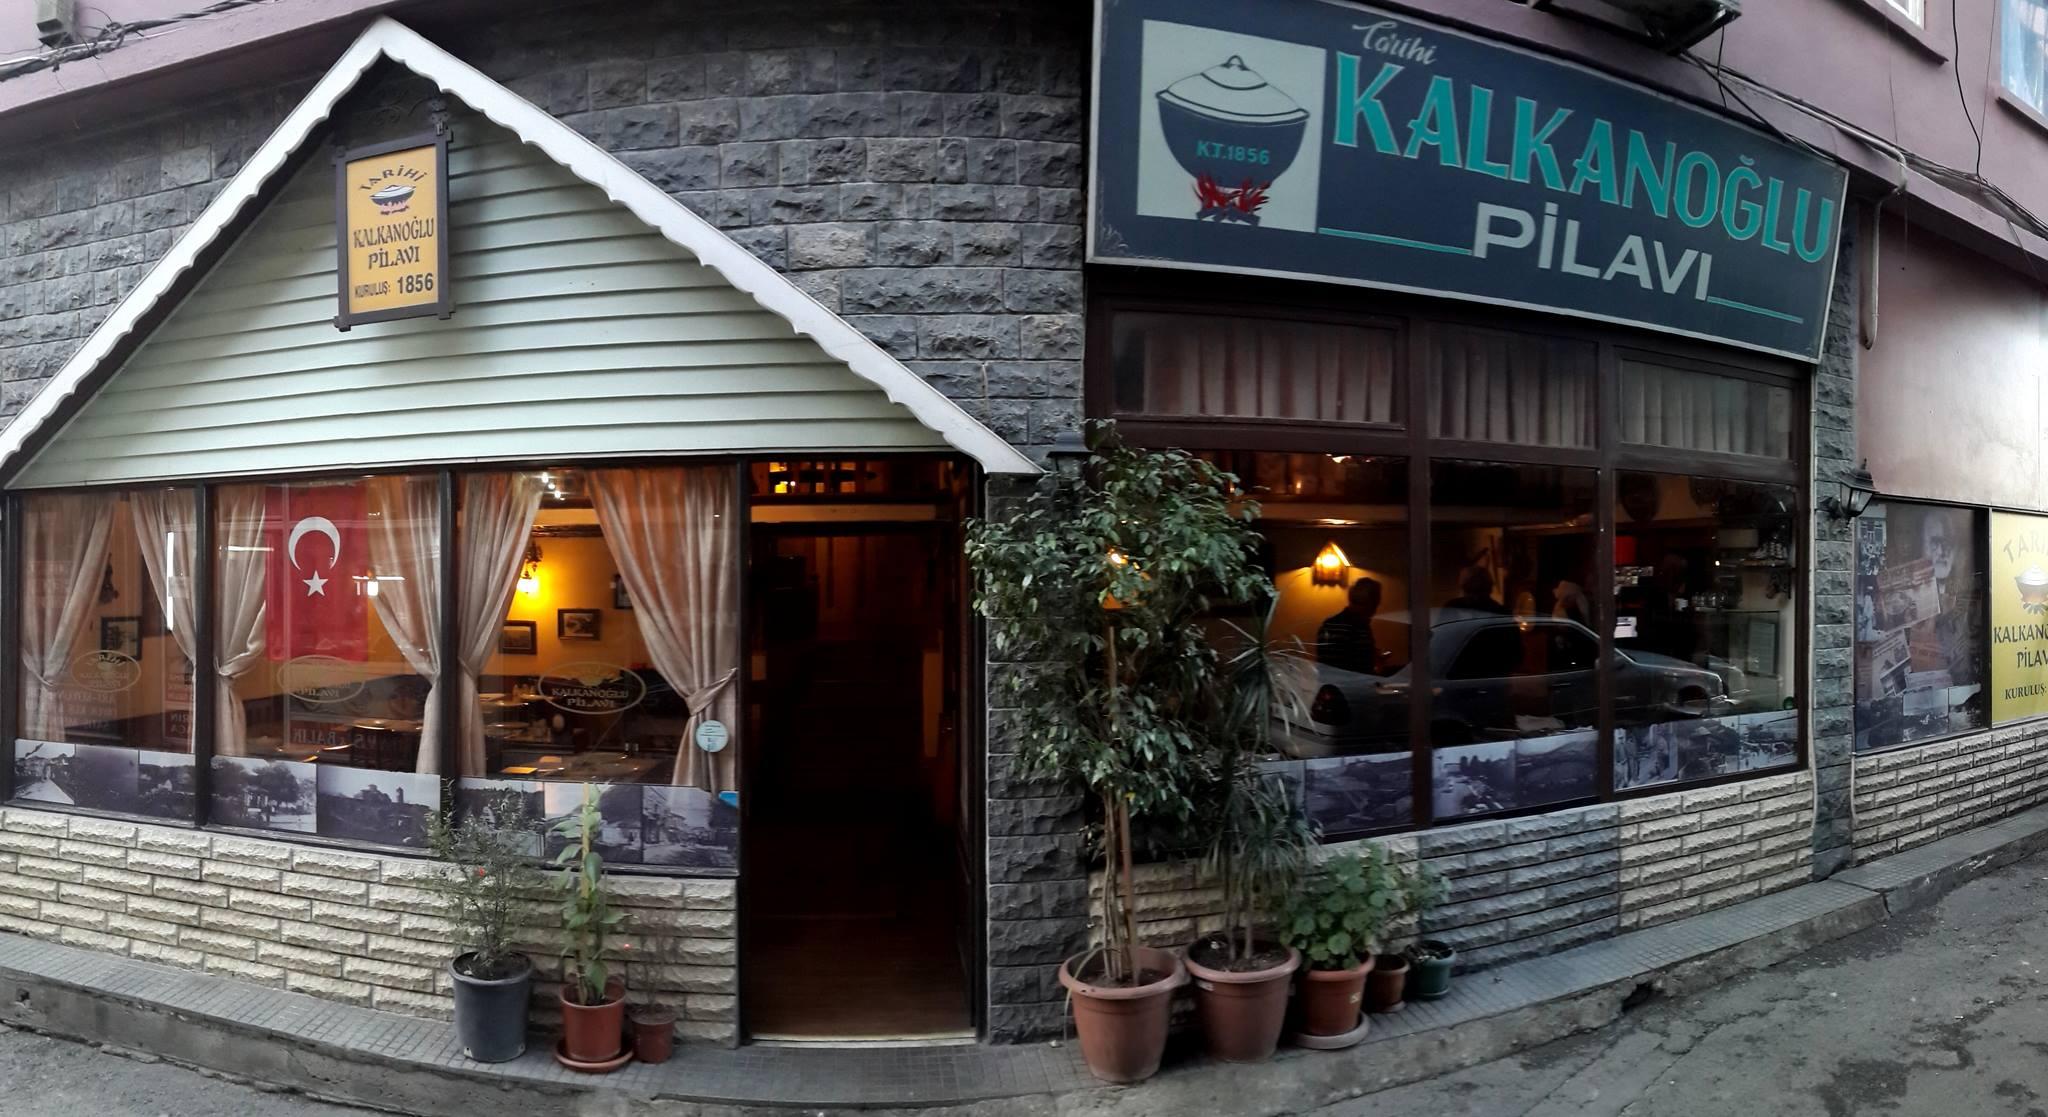 مطعم Tarihi Kalkanoglu Pilavi